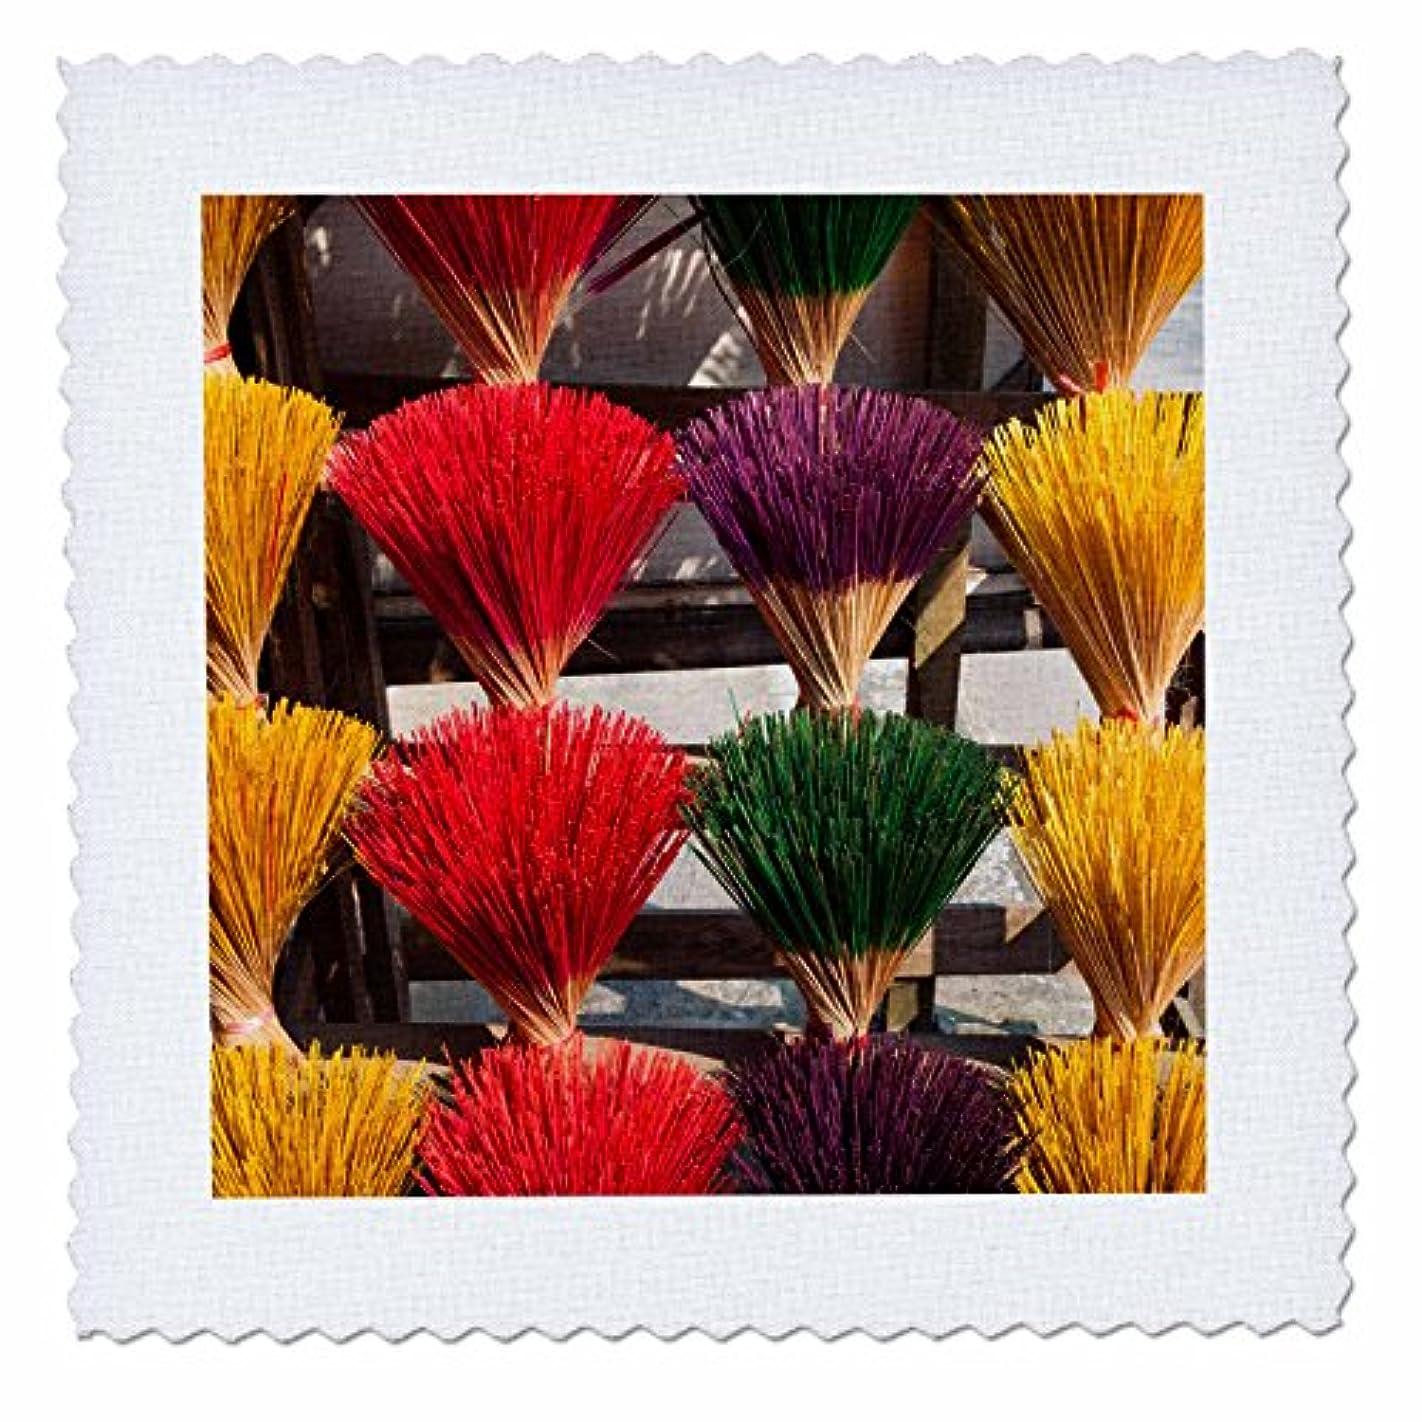 固体側面マインド3drose Danita Delimont – 市場 – ベトナム、色相。カラフルなIncense Sticks for Sale。 – キルト正方形 20x20 inch quilt square qs_257314_8